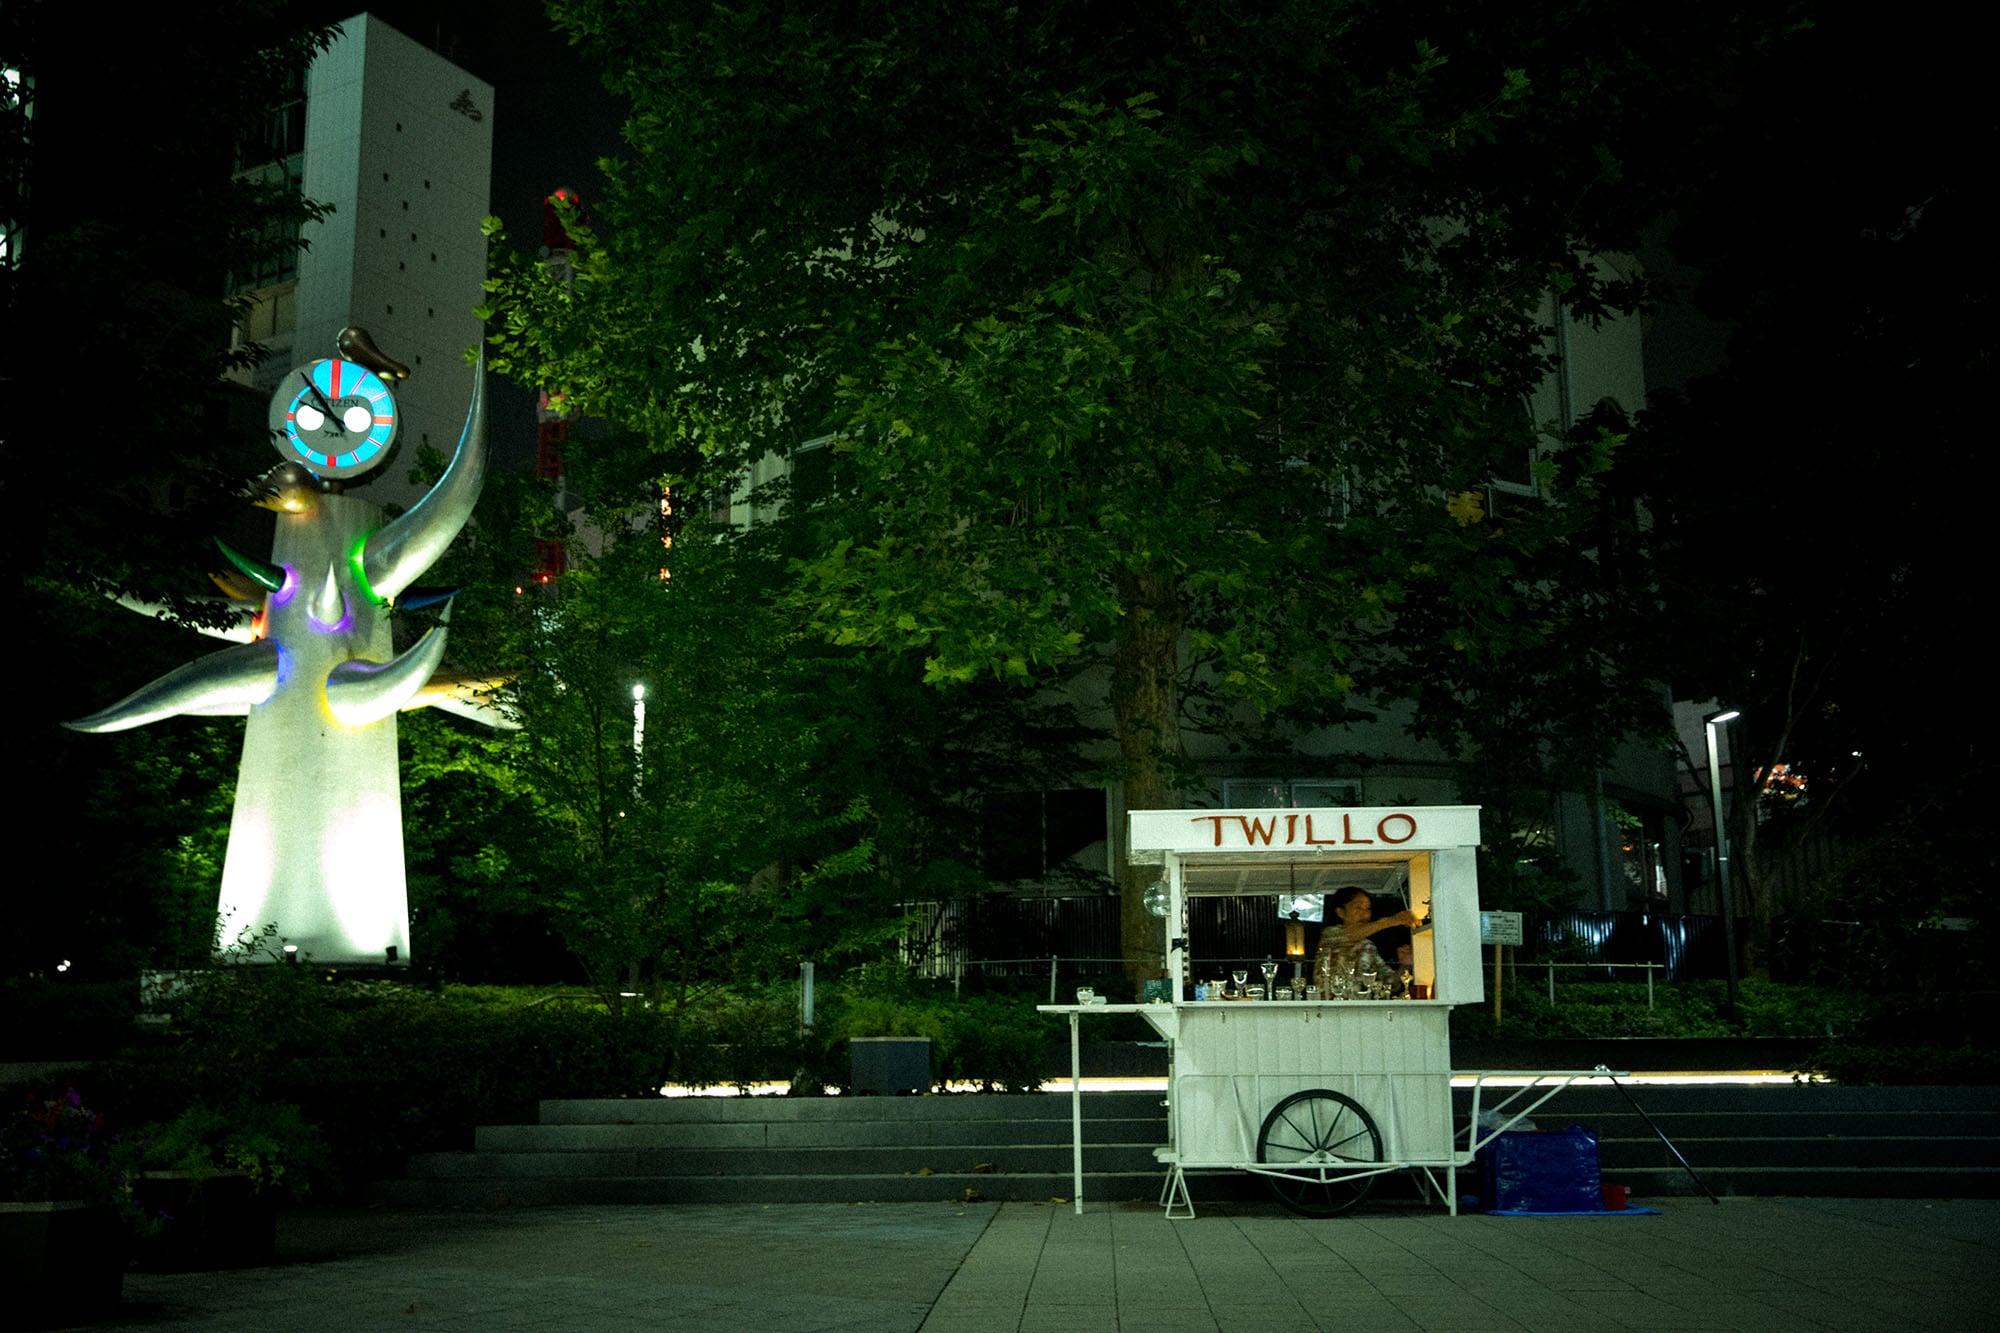 数寄屋橋公園内に建つ岡本太郎の作品「若い時計台」に見守られてバーを開く。